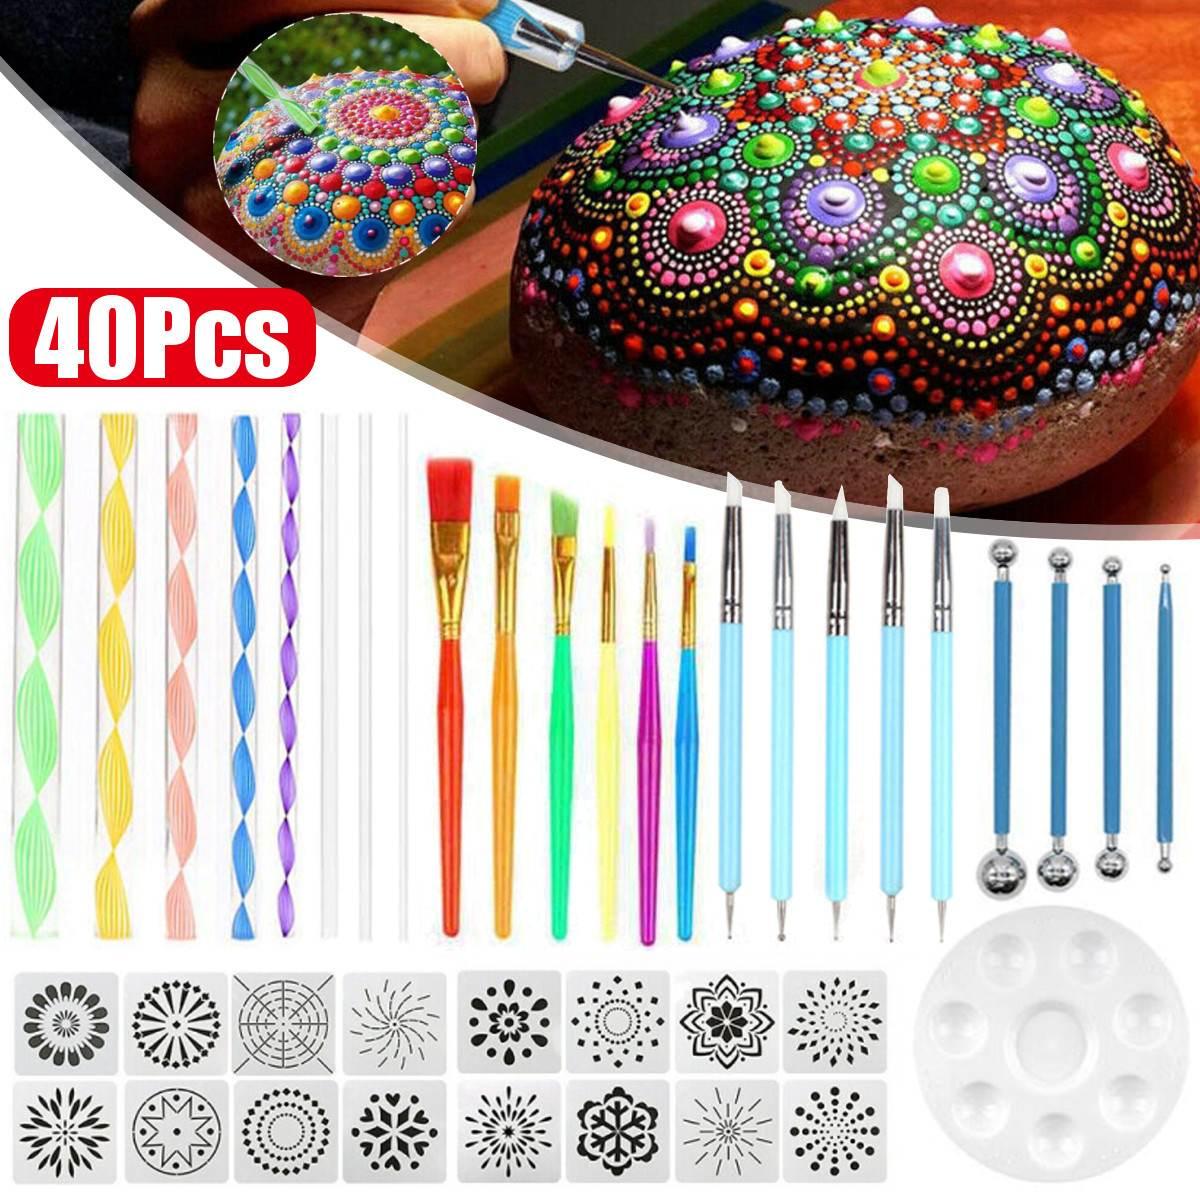 40Pcs/set DIY Mandala Dotting Tools Set For Painting Rocks Dot Kit Rock Stone Painting Pen Polka Dot Art Tool Template Cosmetic